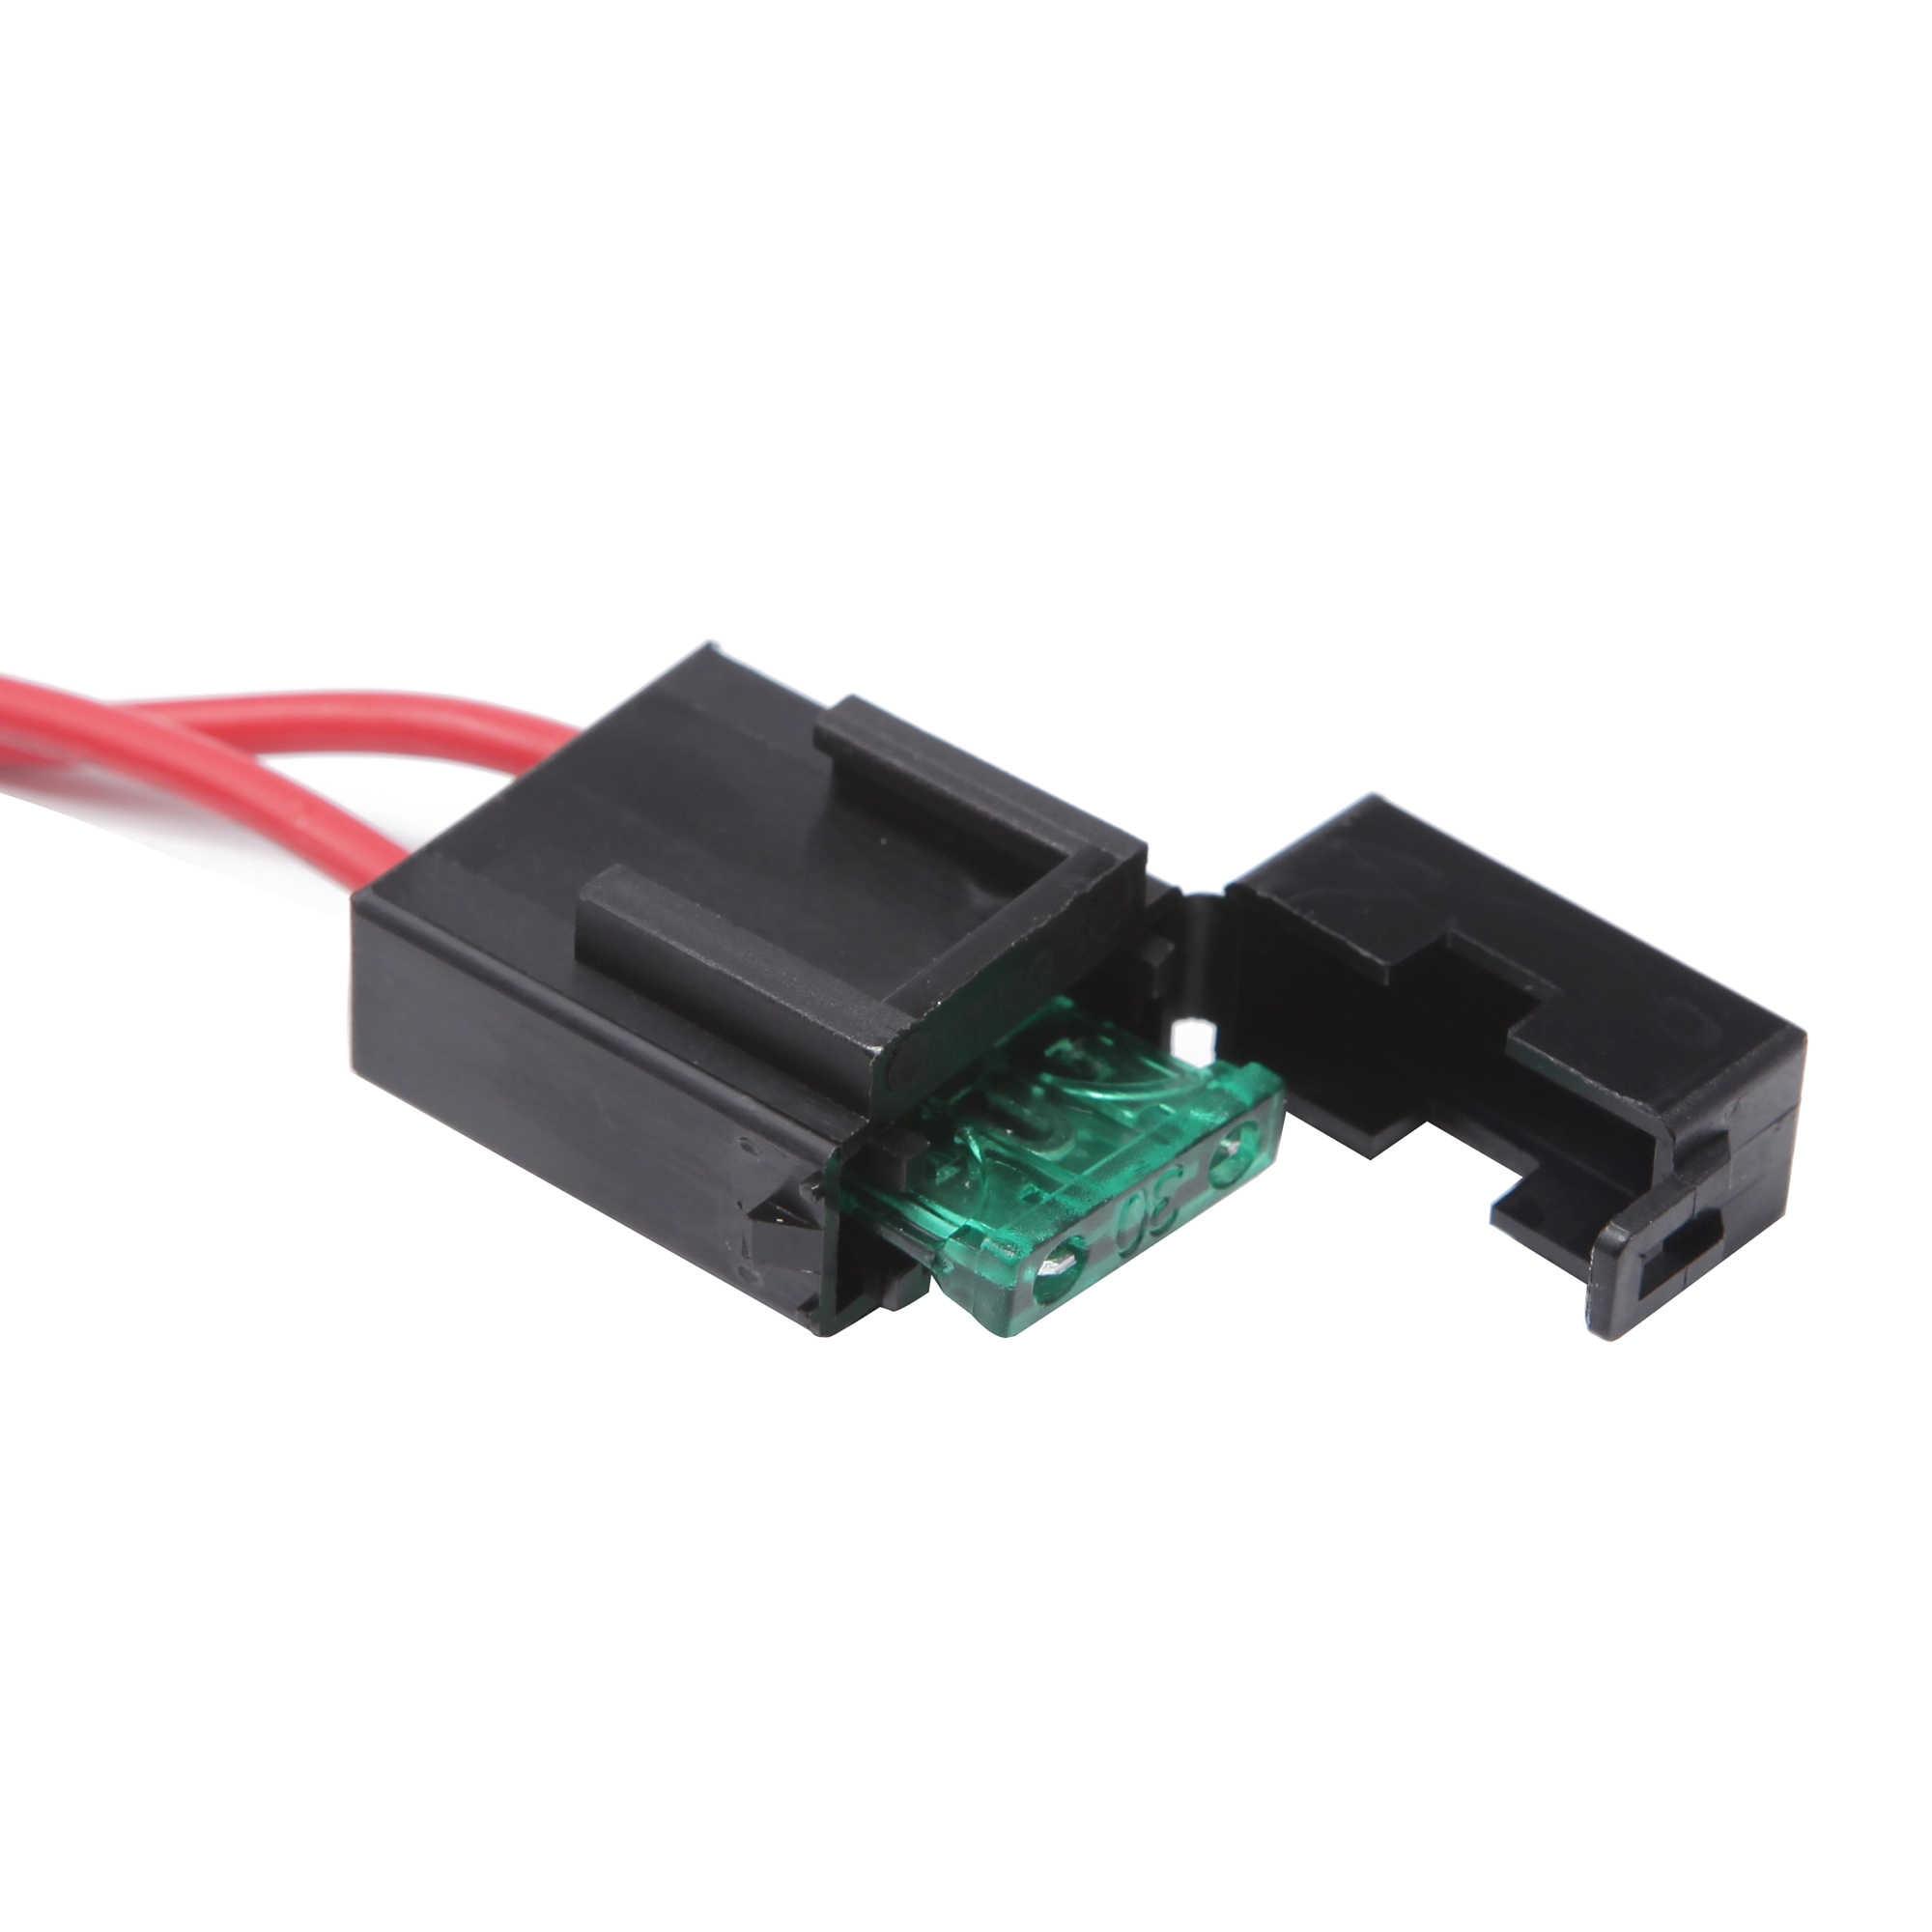 Ecahayaku 2 Meter Auto Led Licht Bar Draad Kabelboom Relais Loom Cable Kit Zekering Voor Auto Rijden Offroad Led werklamp 12 V 24